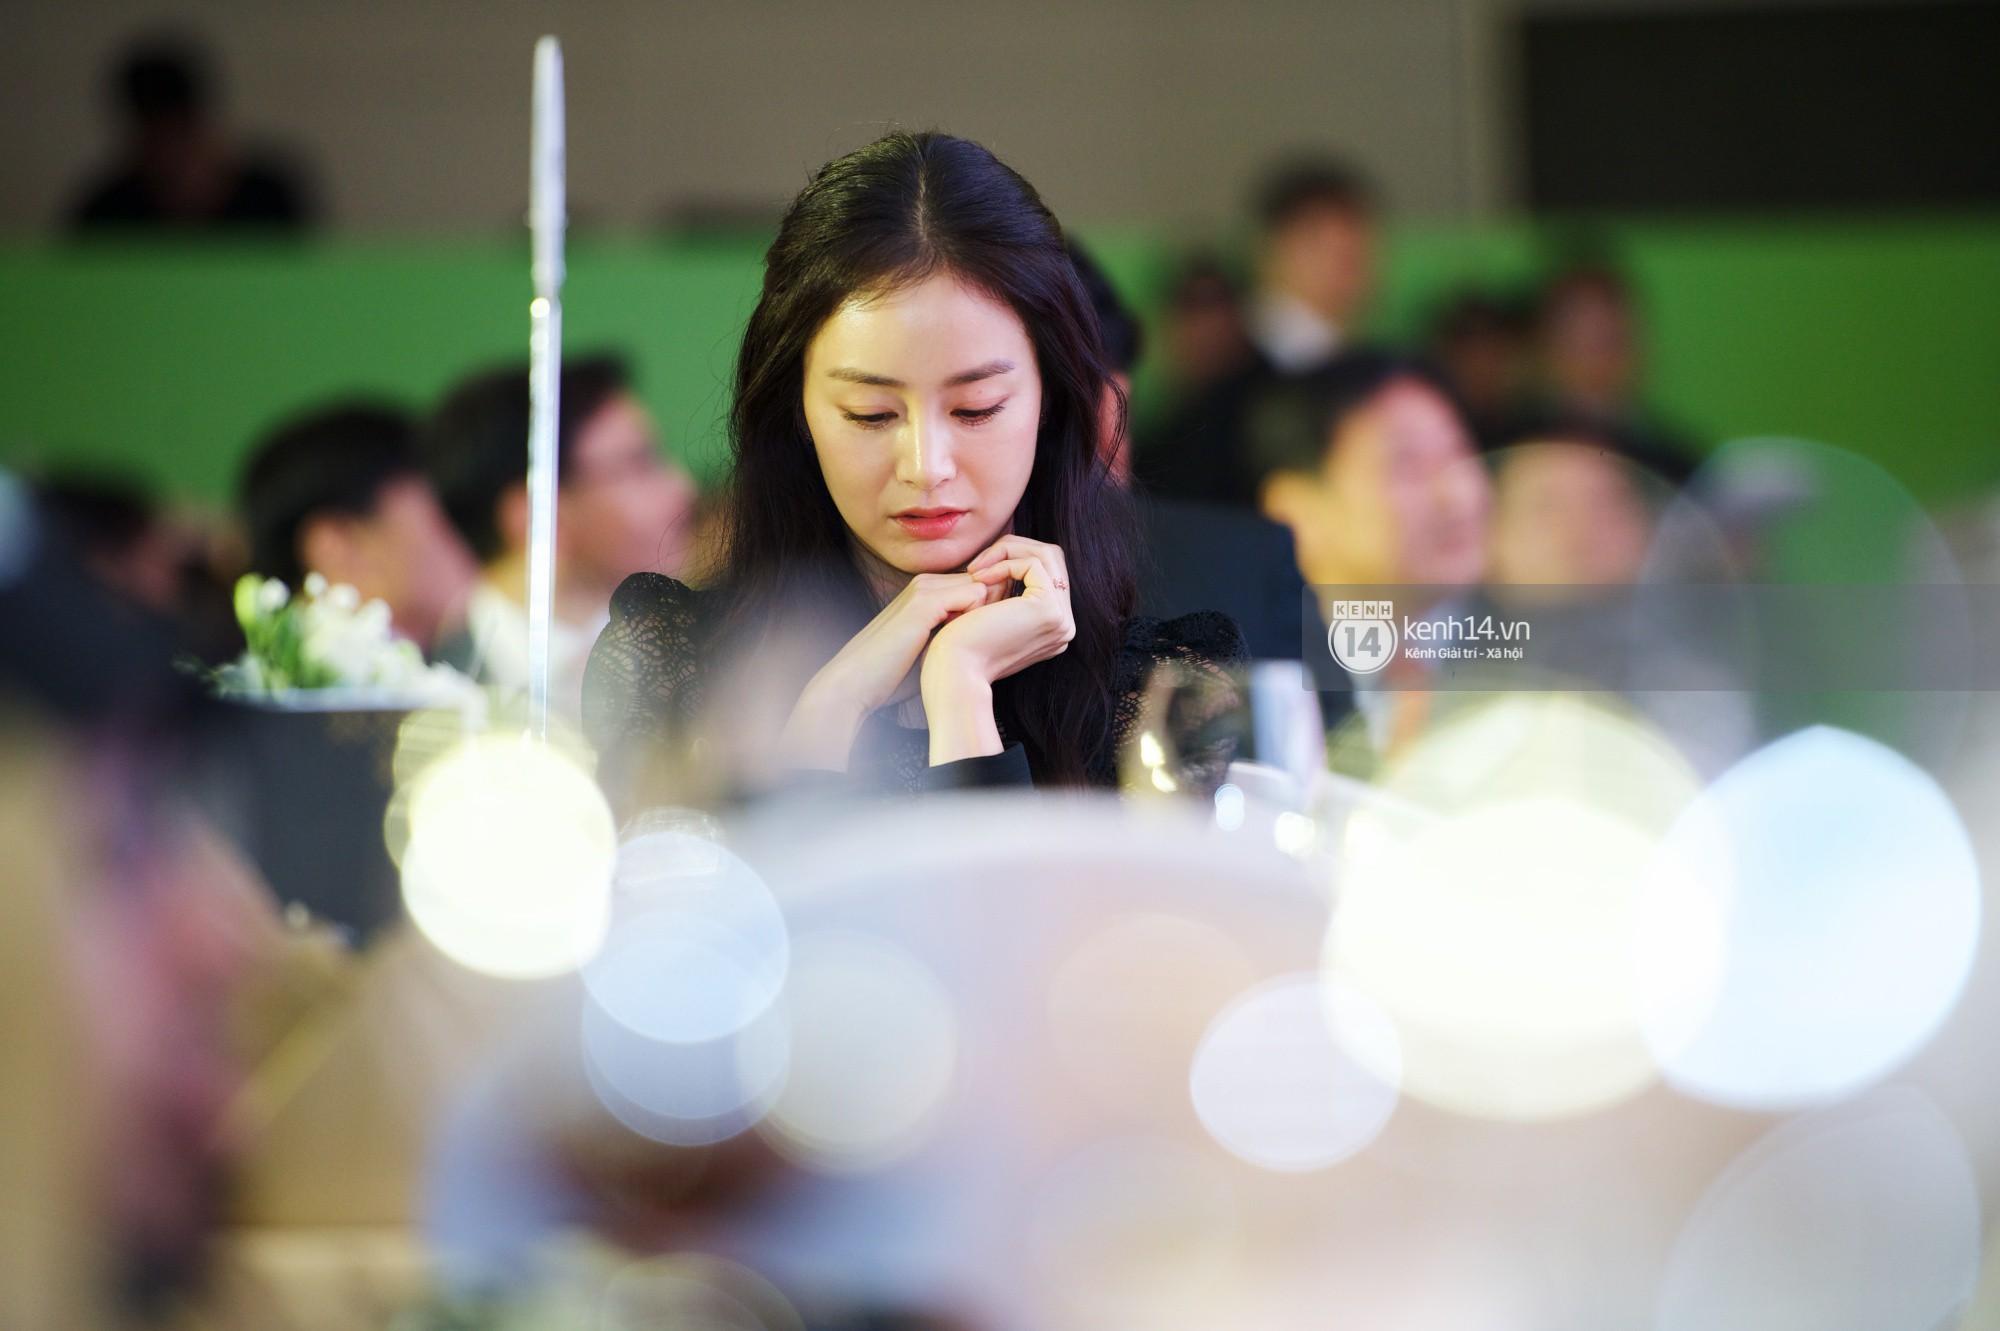 Bộ ảnh đẹp nhất của Kim Tae Hee tại đêm tiệc Hàn ở Hà Nội: Khoảnh khắc minh tinh châu Á hút hồn toàn bộ khán phòng-4